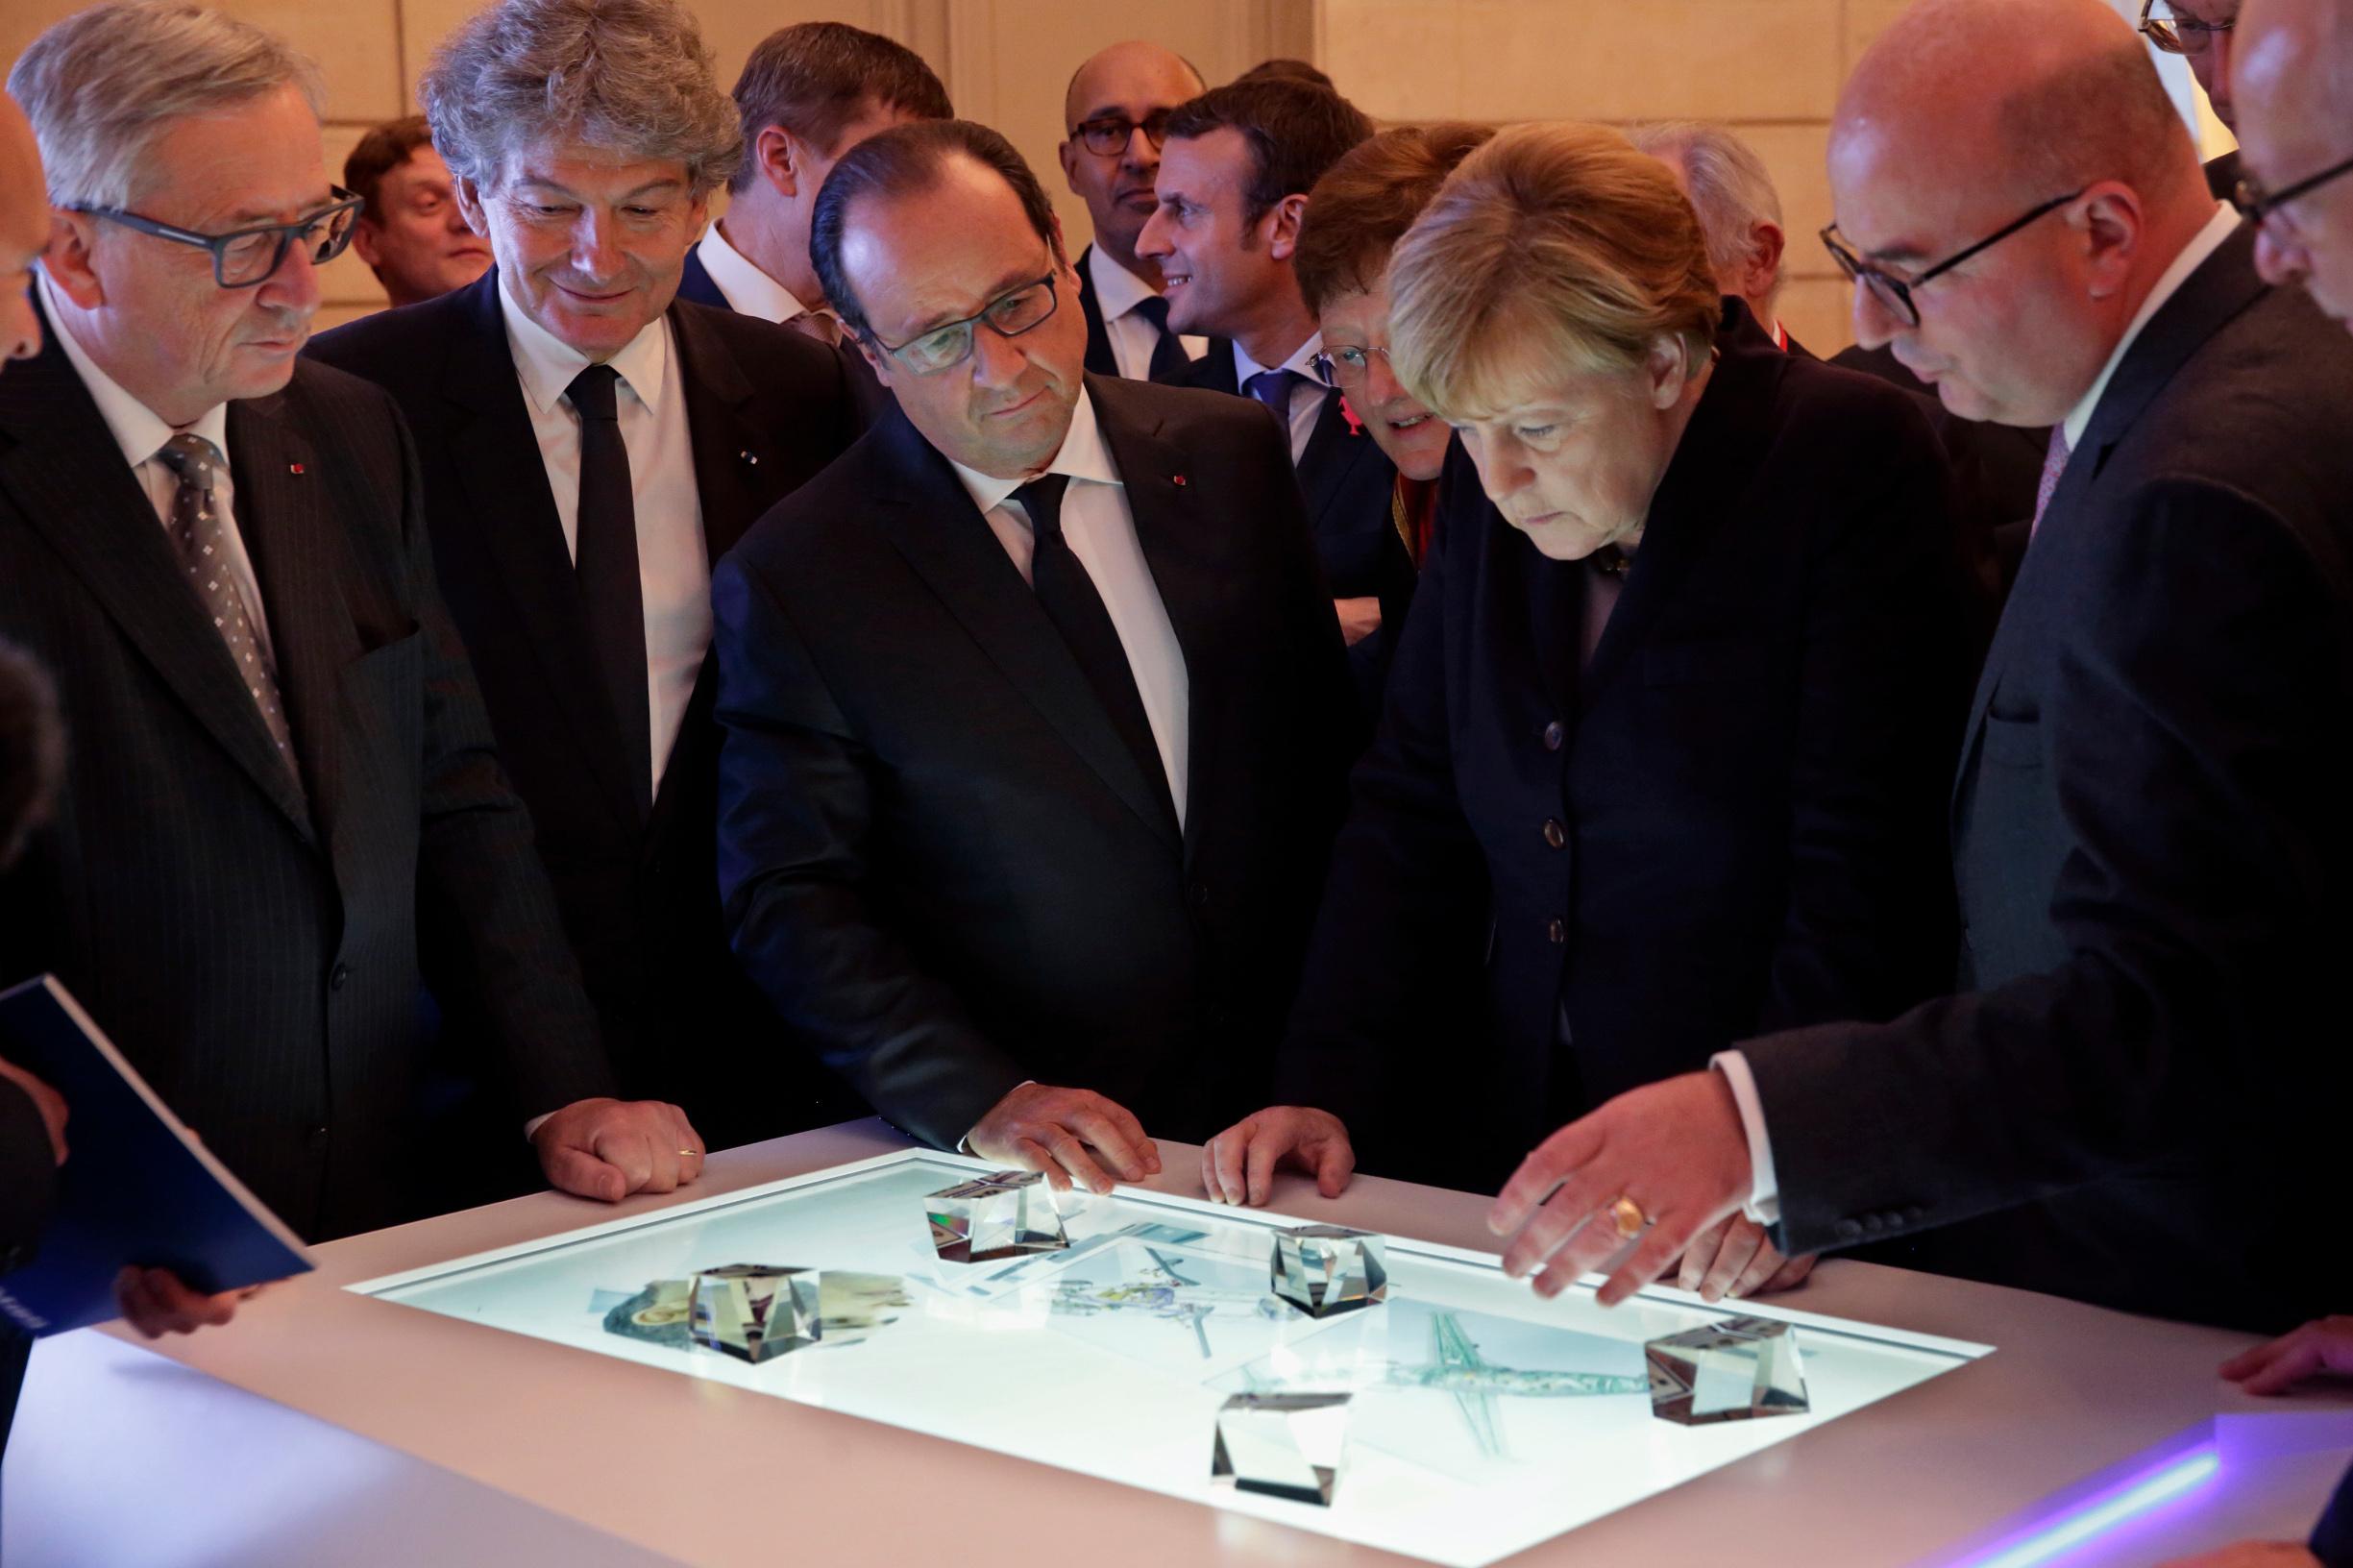 Ilustracija: Europski lideri na tehnološkom summitu u Elizejskoj palači u Parizu u studenom 2015. godine